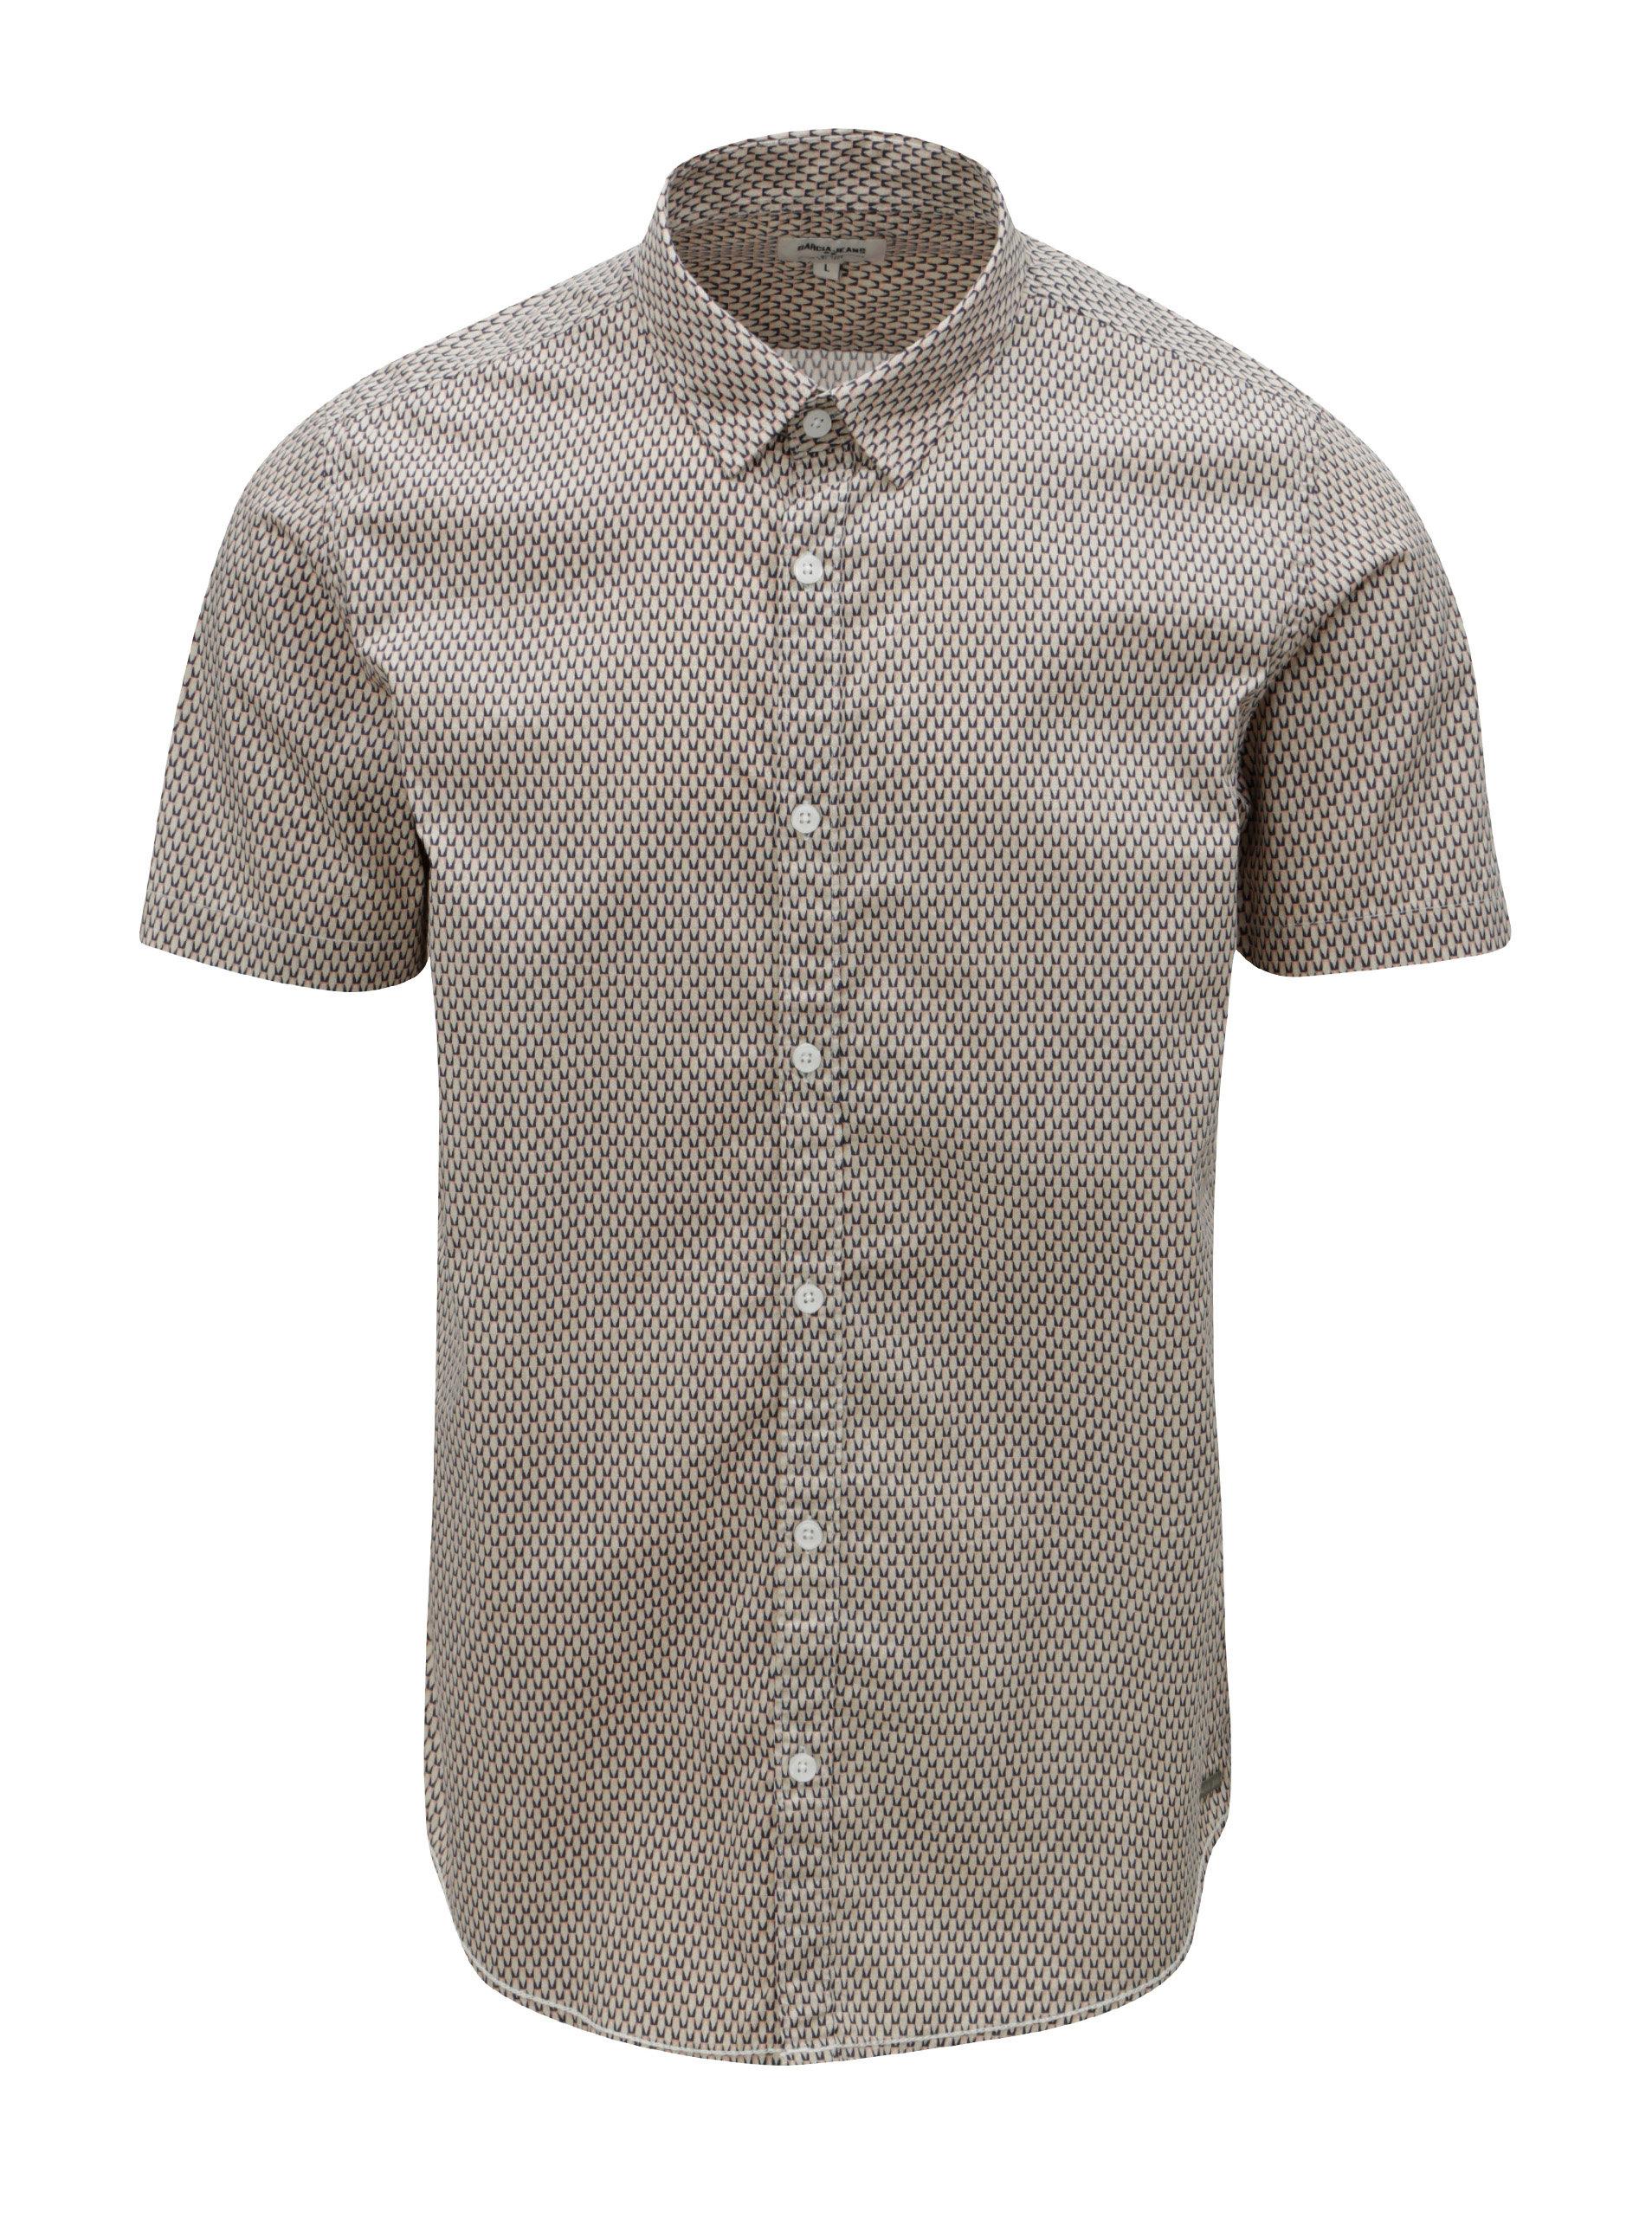 e8867ed62307 Béžová pánska vzorovaná košeľa s krátkym rukávom Garcia Jeans ...